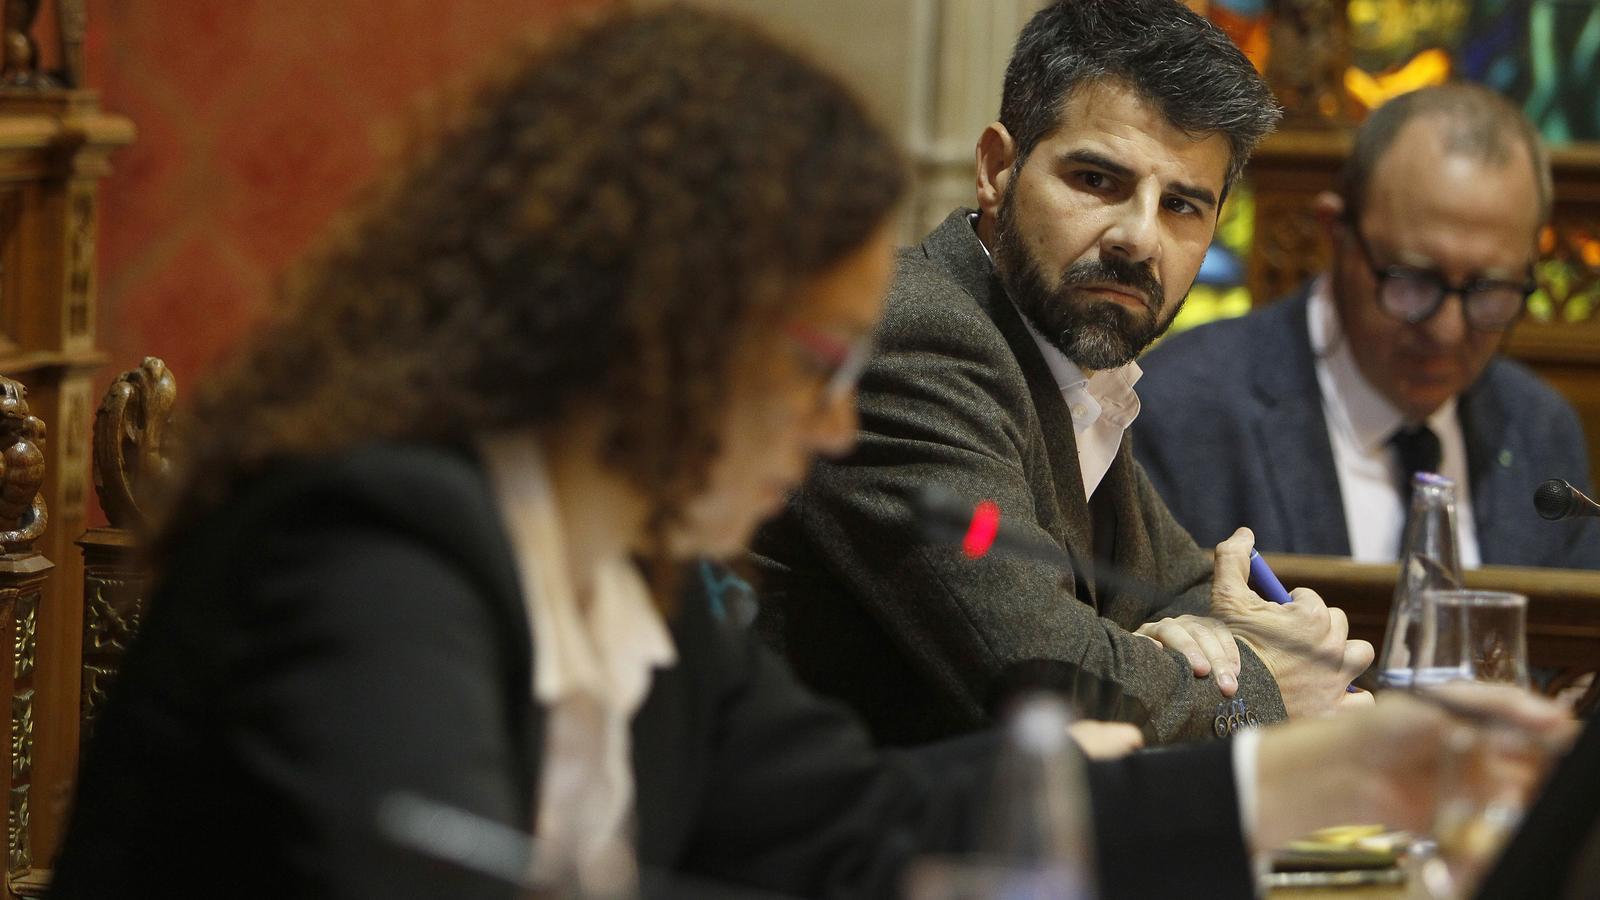 El president de l'Institut Mallorquí d'Afers Socials, Javier de Juan, mirant la presidenta del Consell de Mallorca, Catalina Cladera, al ple extraordinari sobre la prostitució de menors tutelats